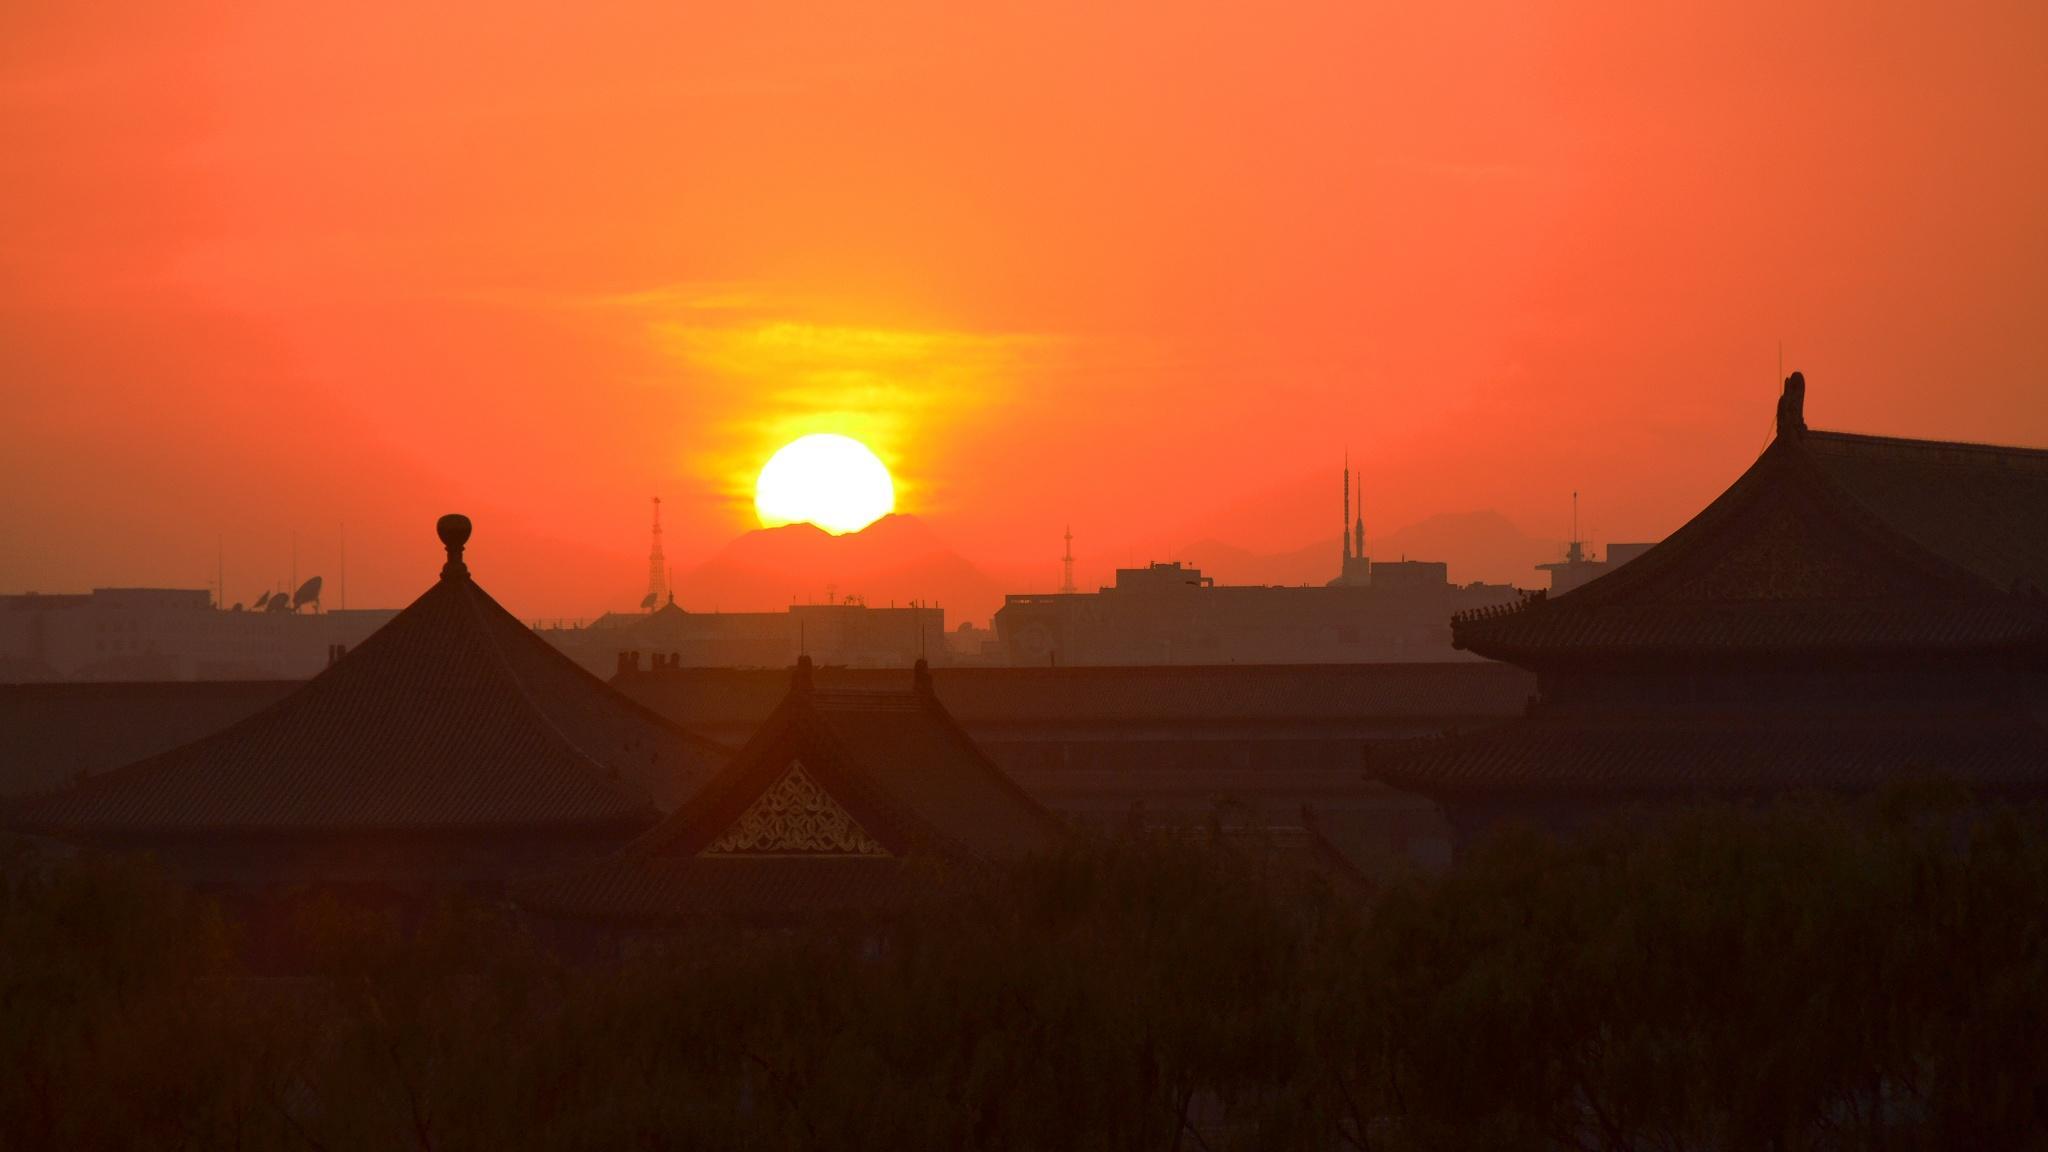 夕阳美中老_在北京一个人一天去哪玩比较好? - 知乎